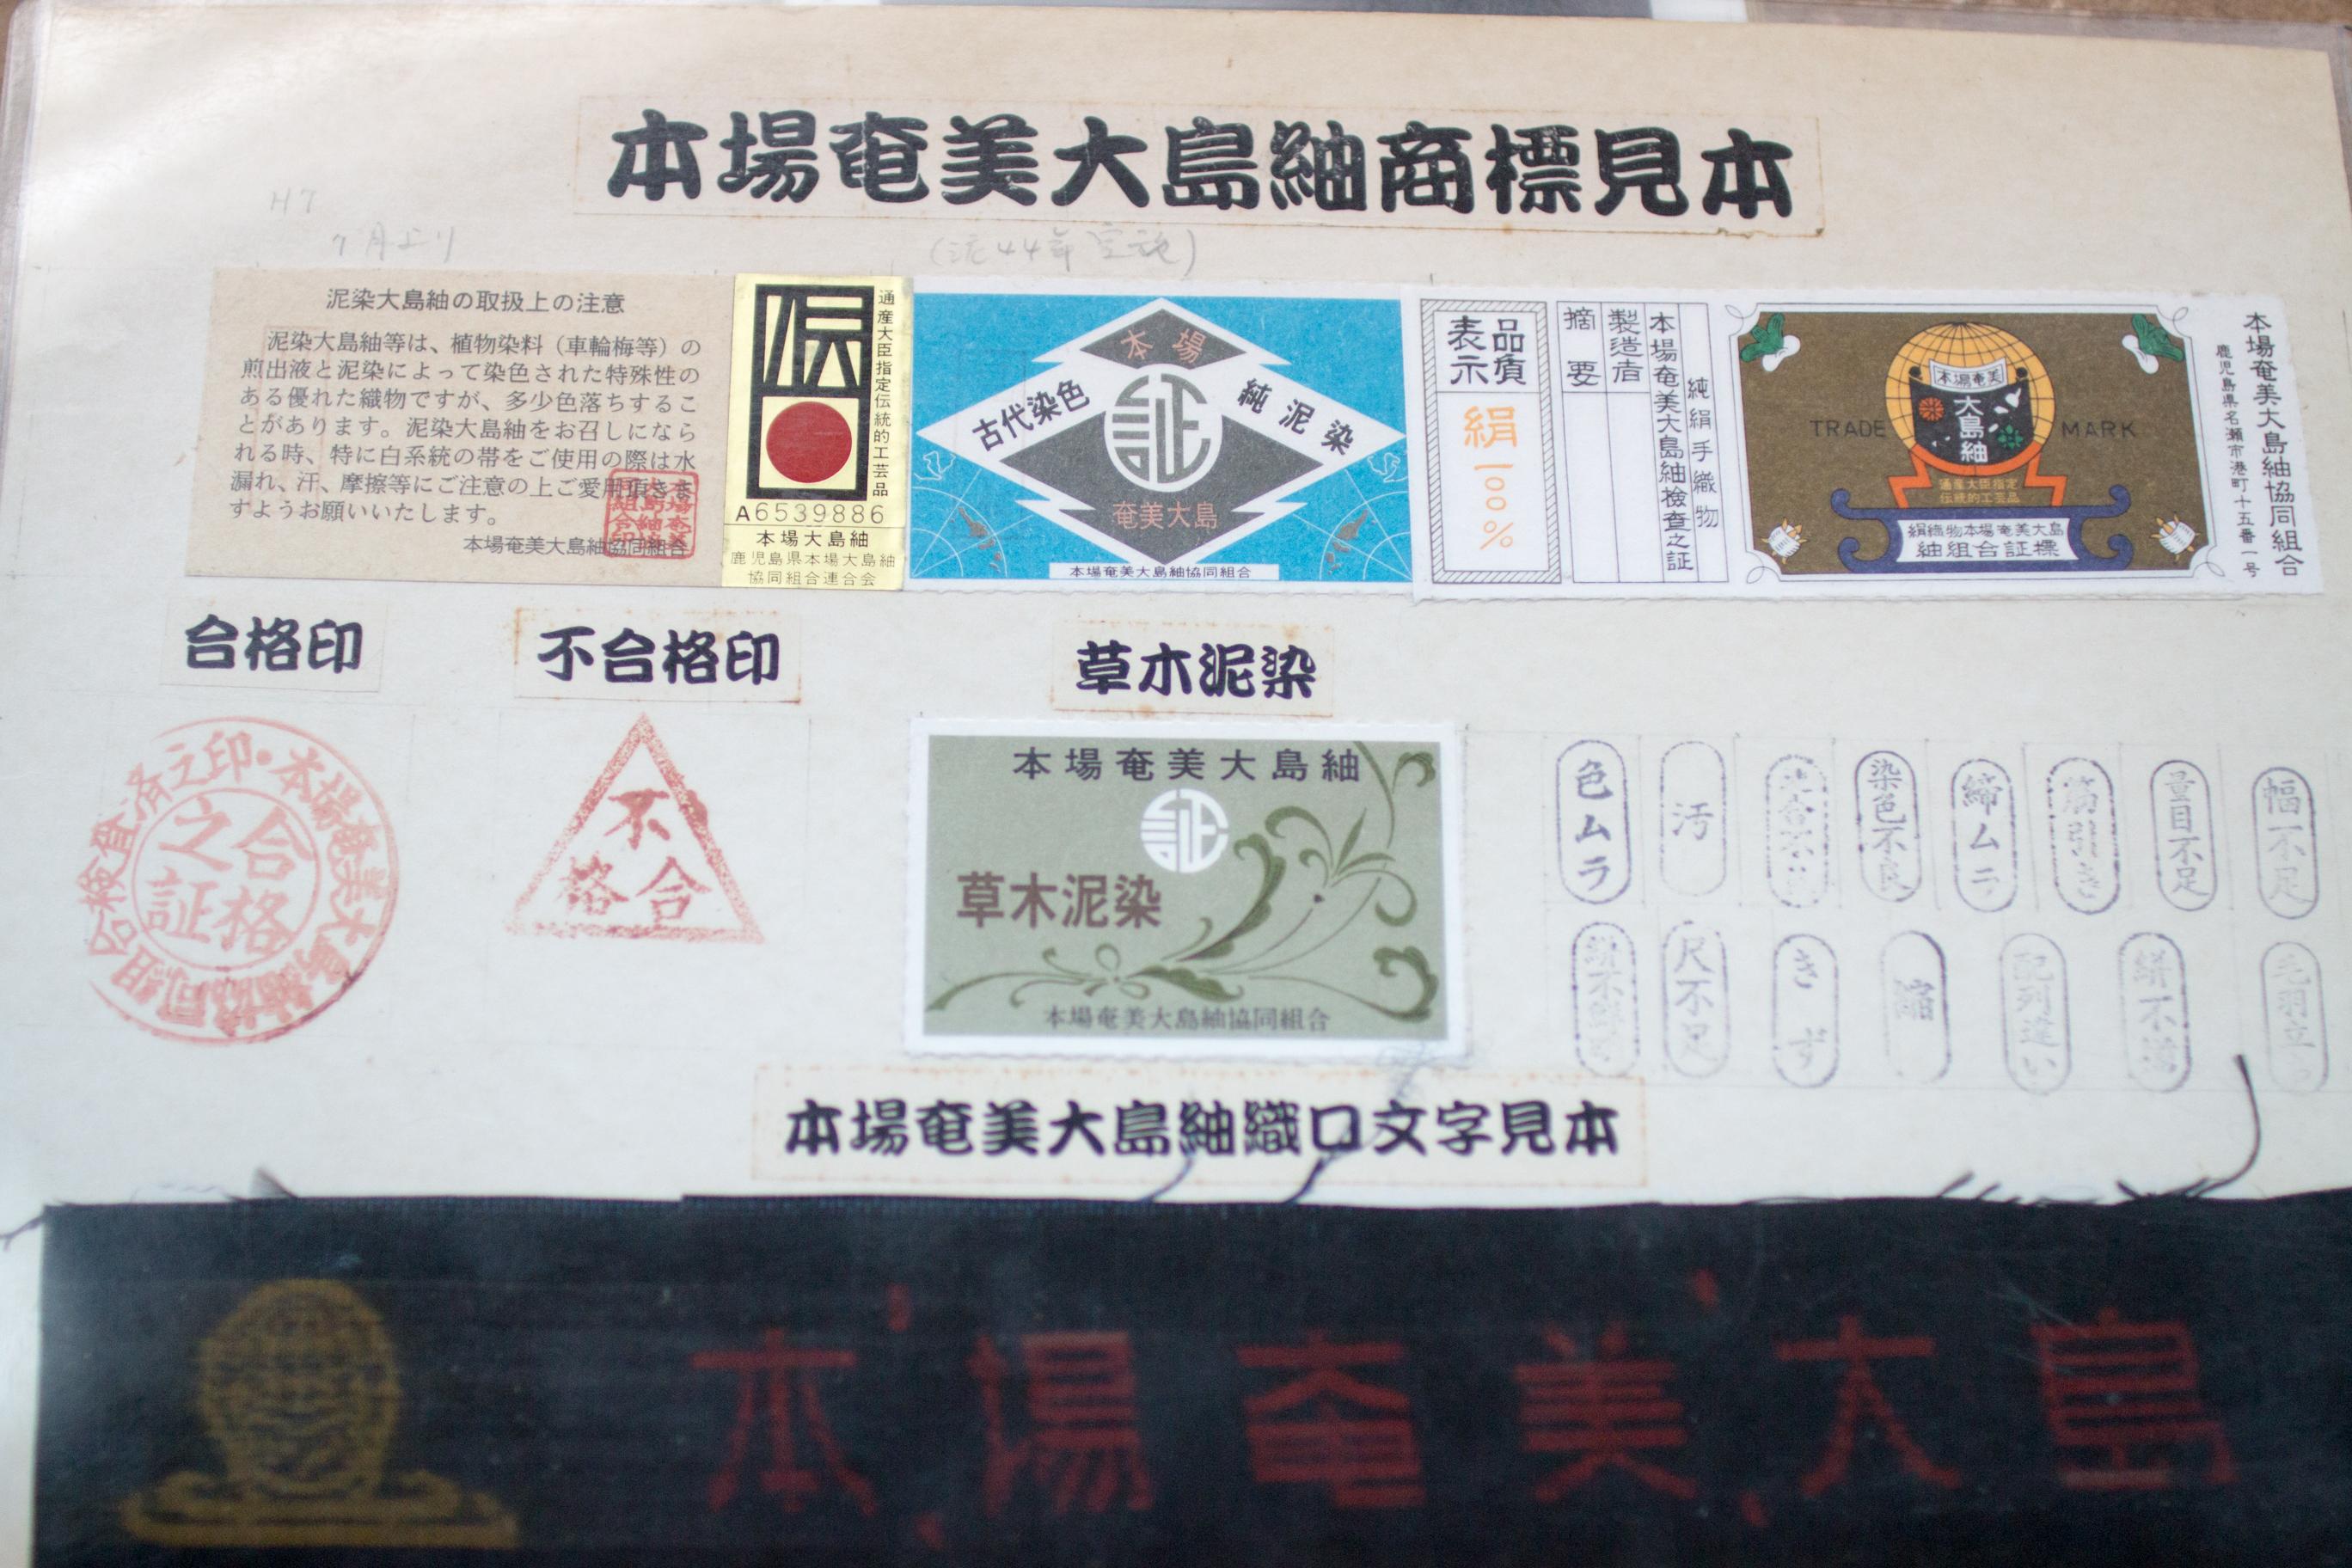 奄美大島紬完成品の最終確認後の印鑑